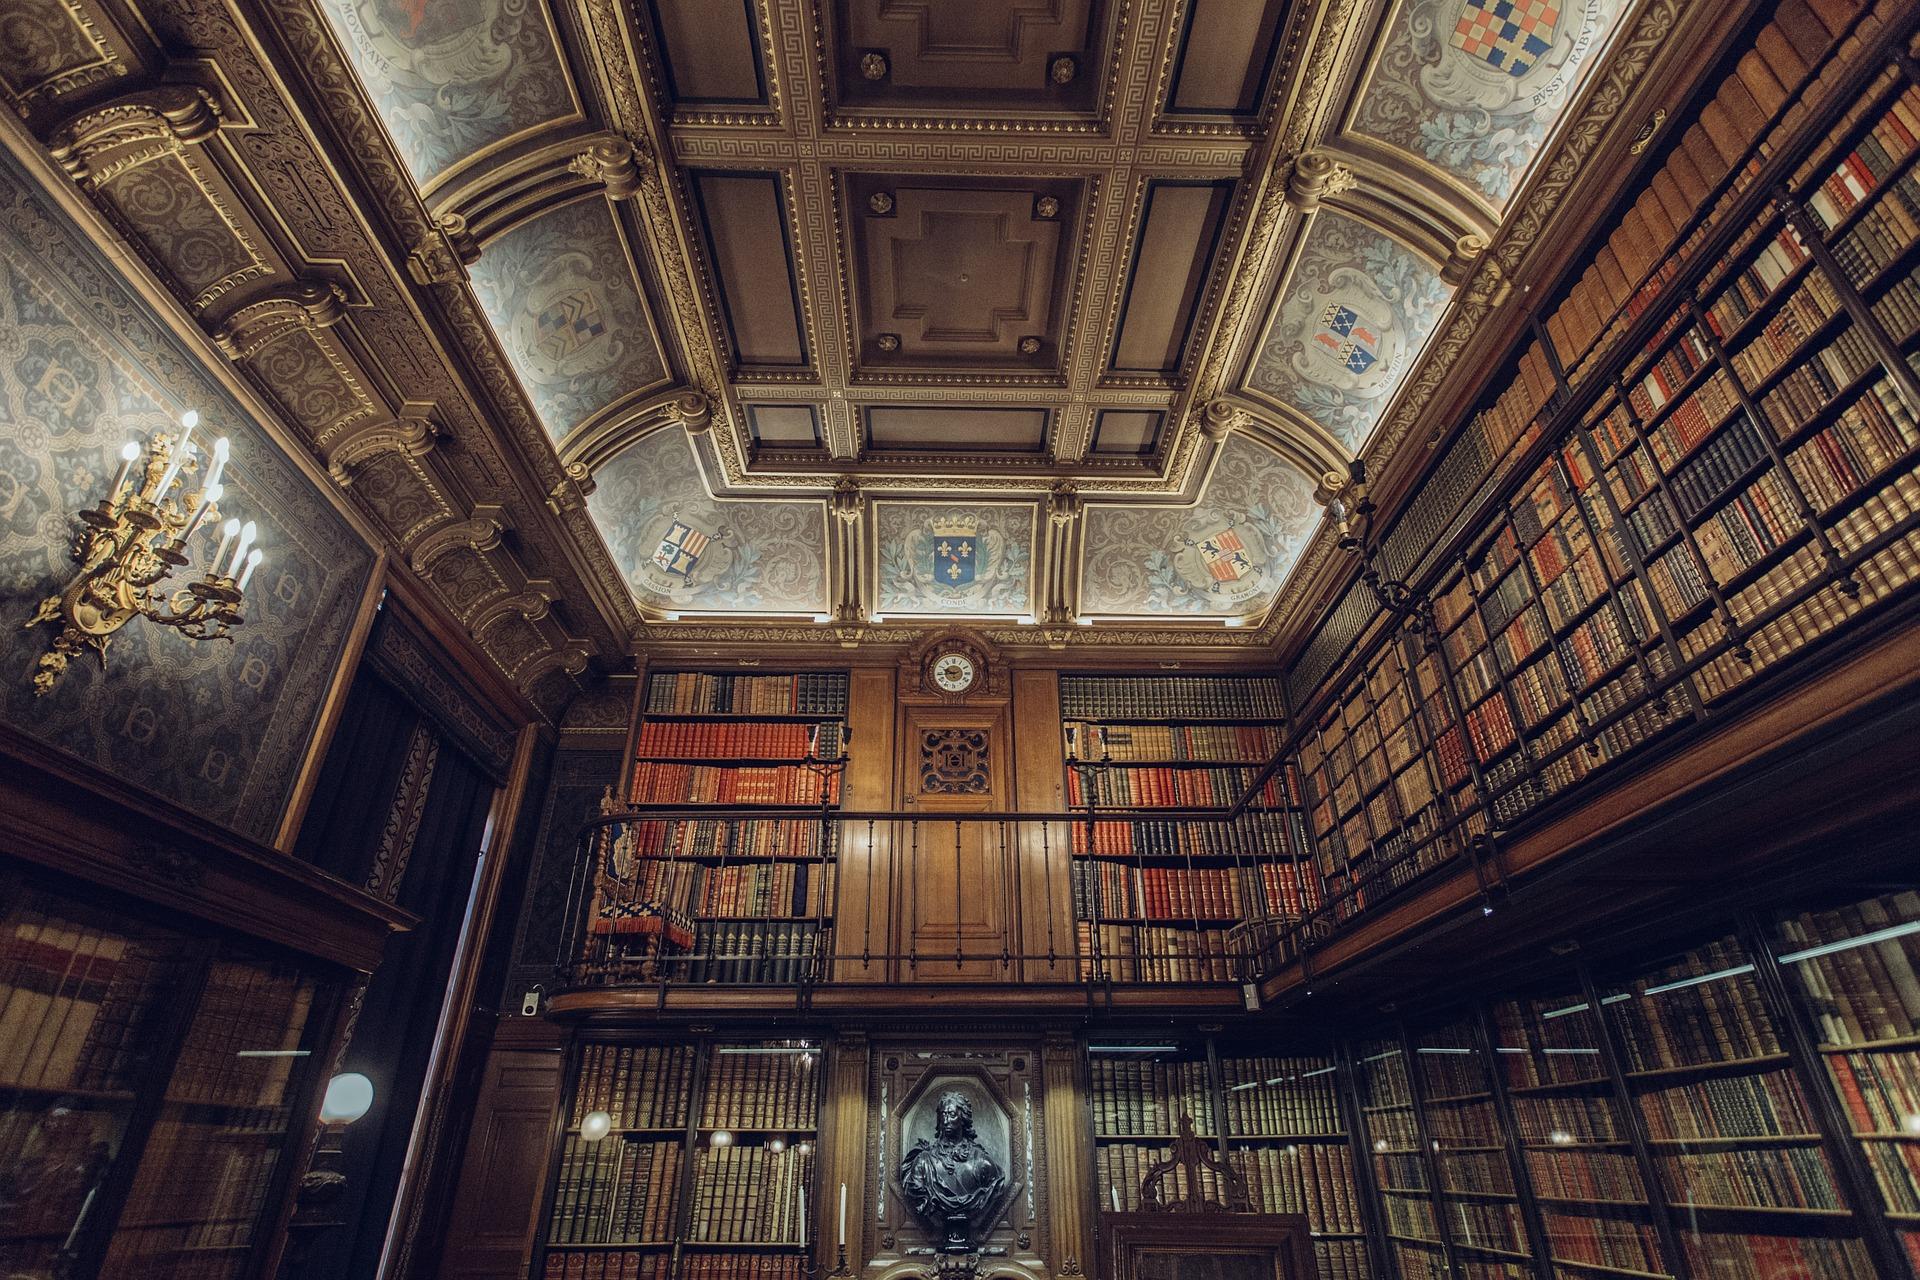 Library in Heaven - Wisdom from Heaven